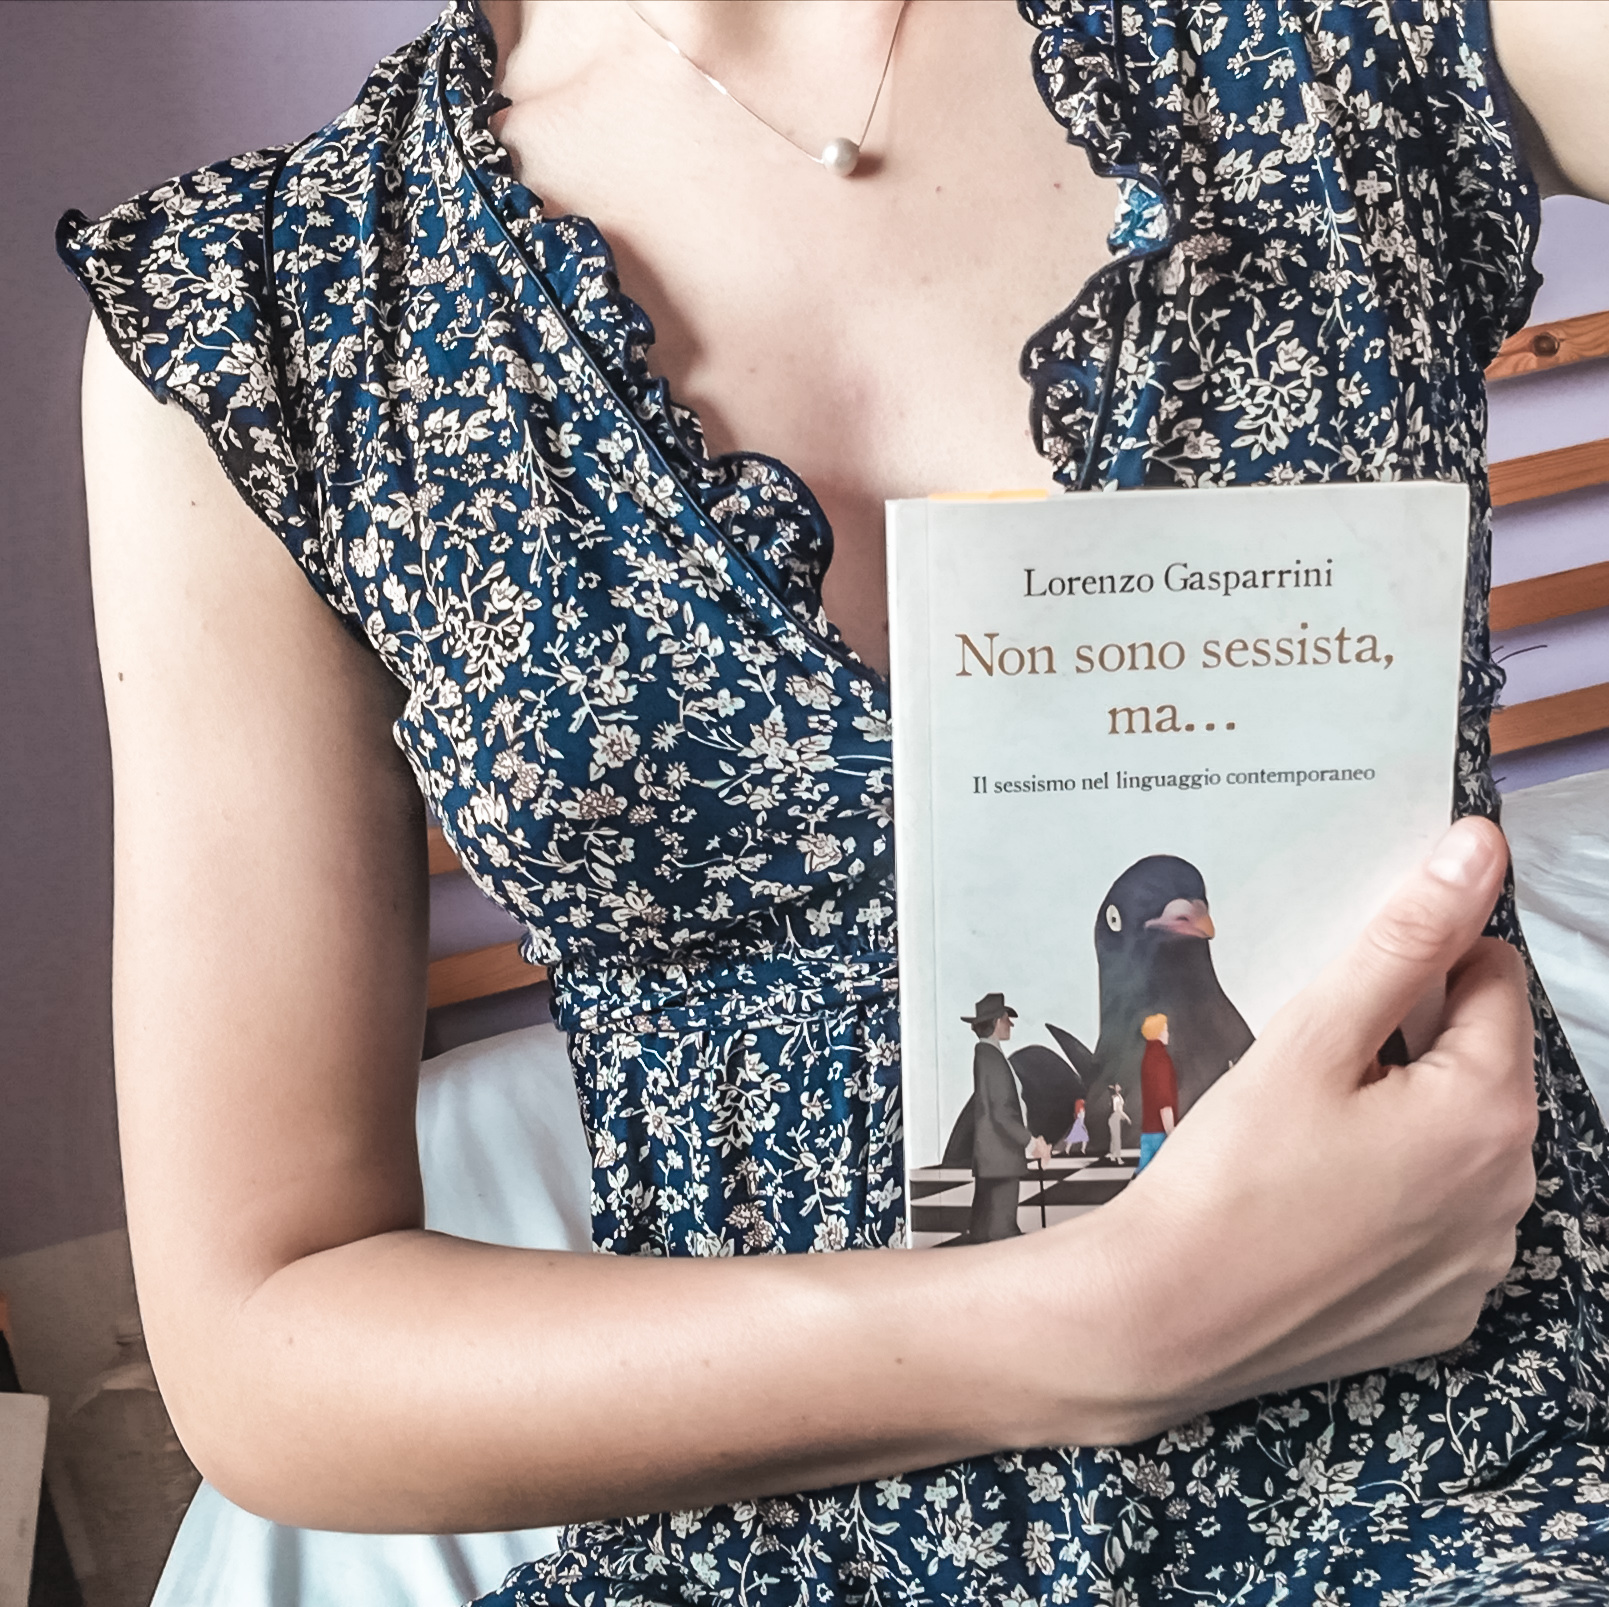 Non sono sessista ma... il sessismo nel linguaggio contemporaneo di Lorenzo Gasparrini Tlon Edizioni